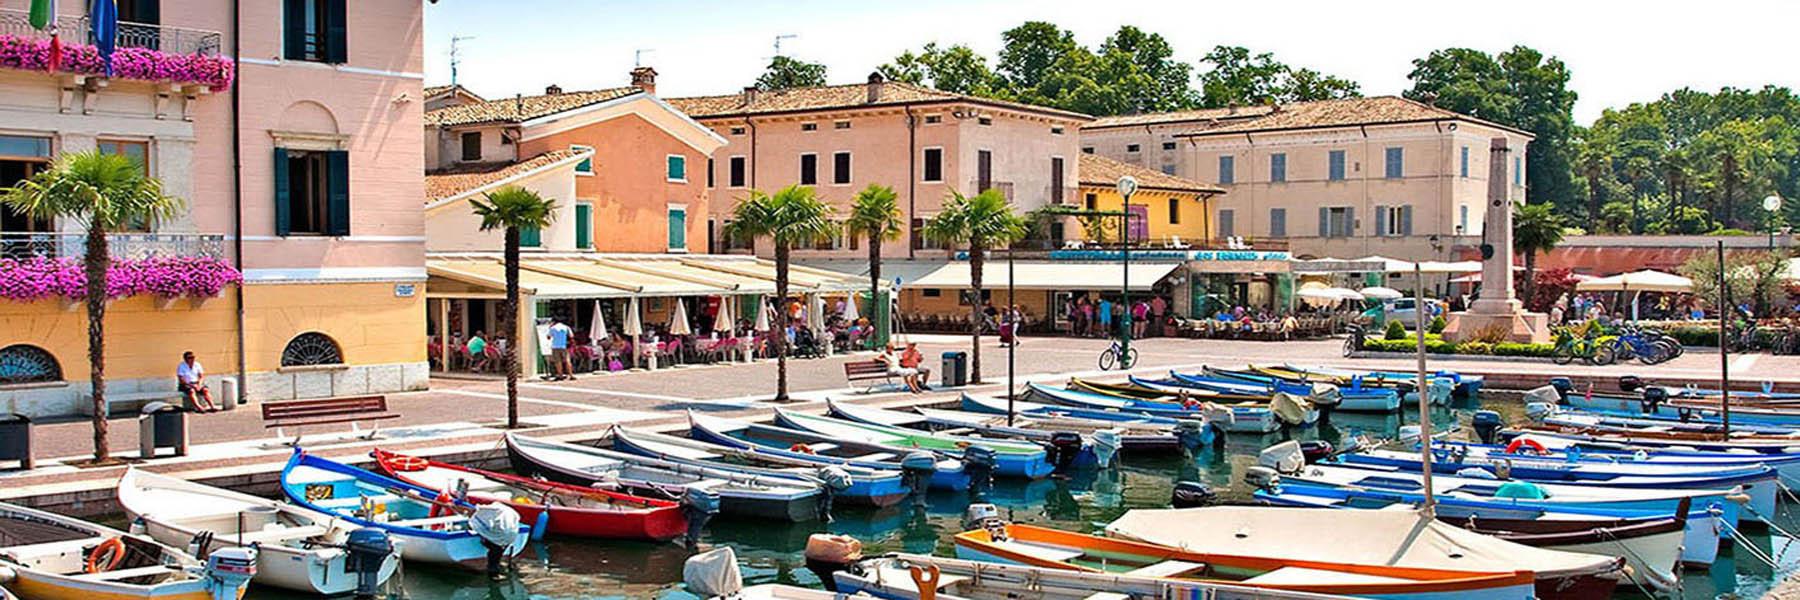 Flanieren an der Seepromenade von Bardolino - Golf & Spa Bardolino